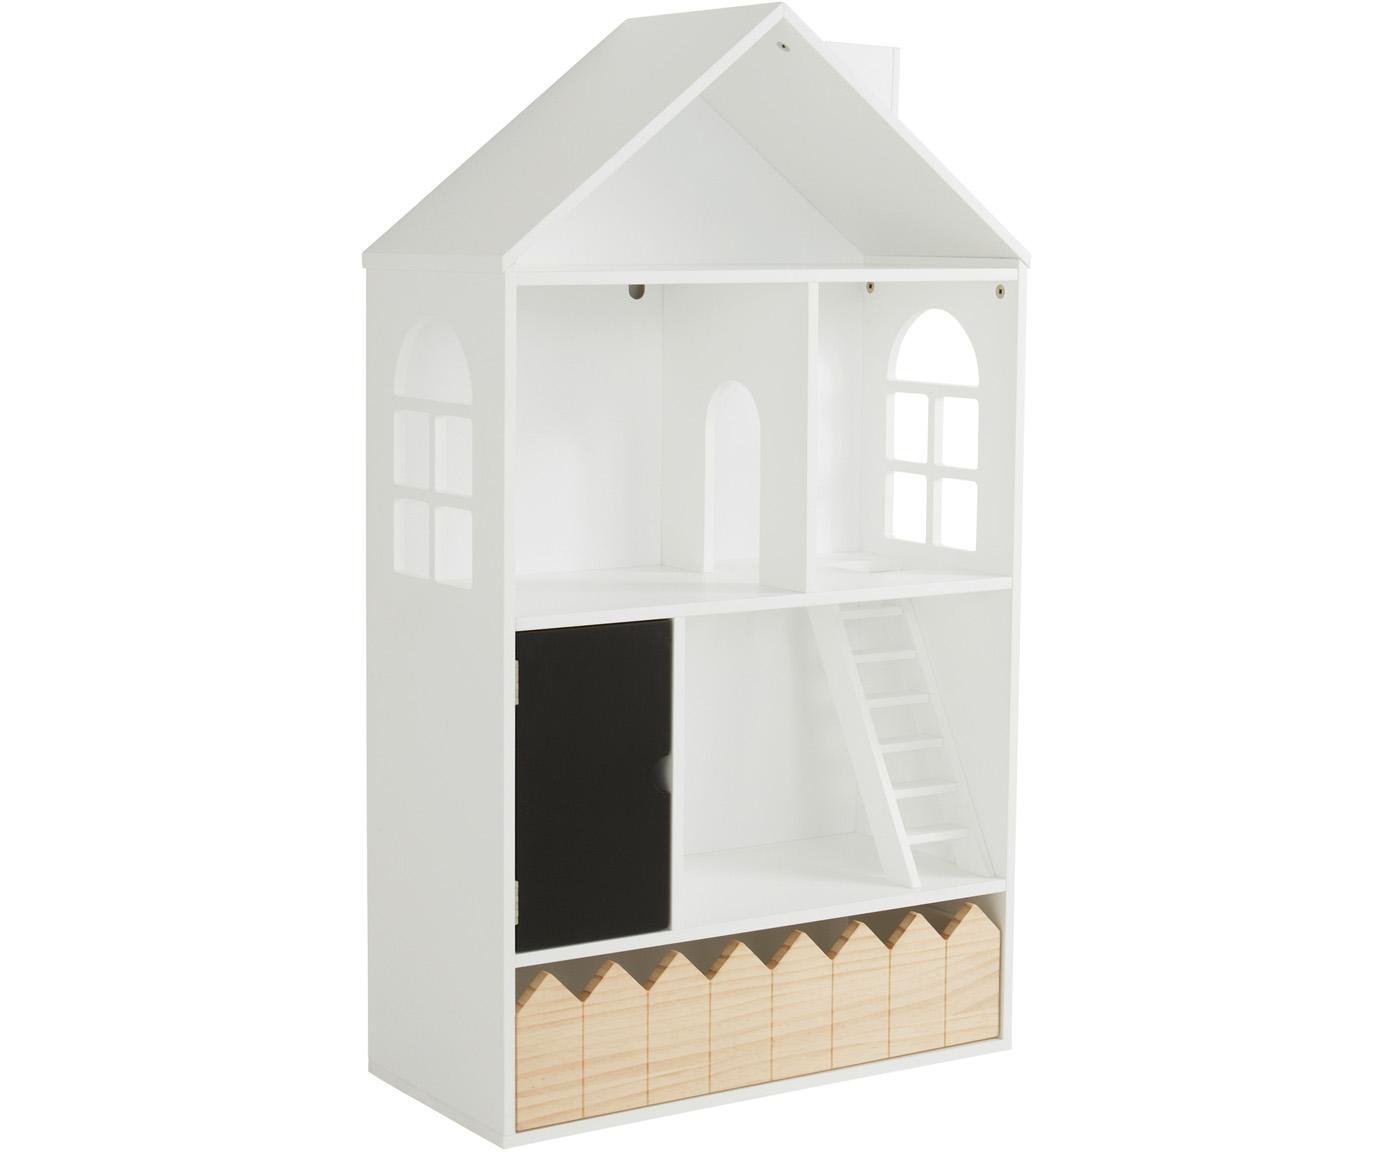 Casita de juguete Mi Casa Su Casa, Madera de pino, tablero de fibras de densidad media (MDF), Blanco, negro, An 61 x Al 106 cm